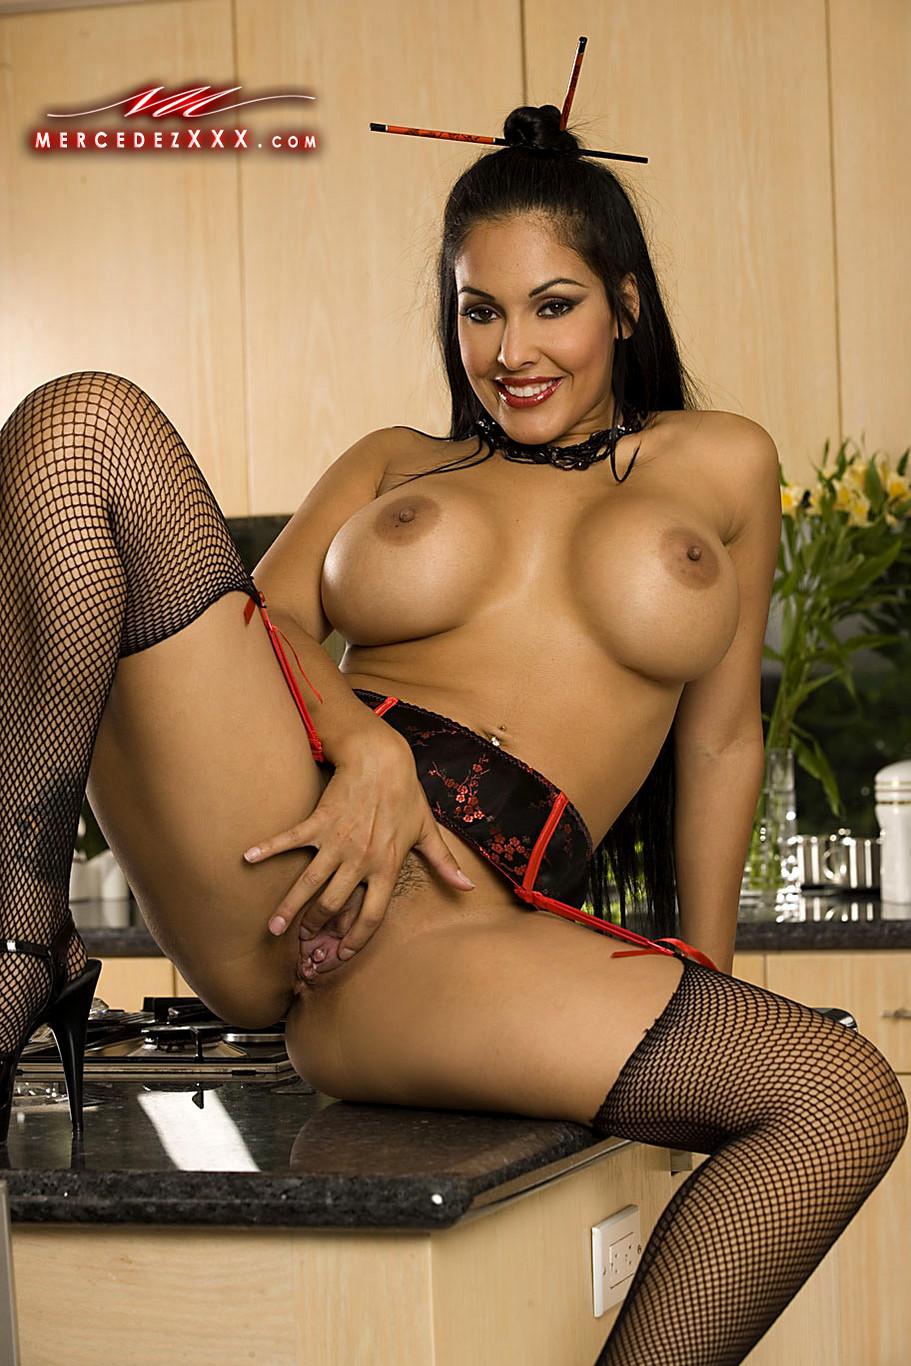 Nina Mercedes Porn Star Busty ninamercedez nina mercedez uhd mature ms free pornpics